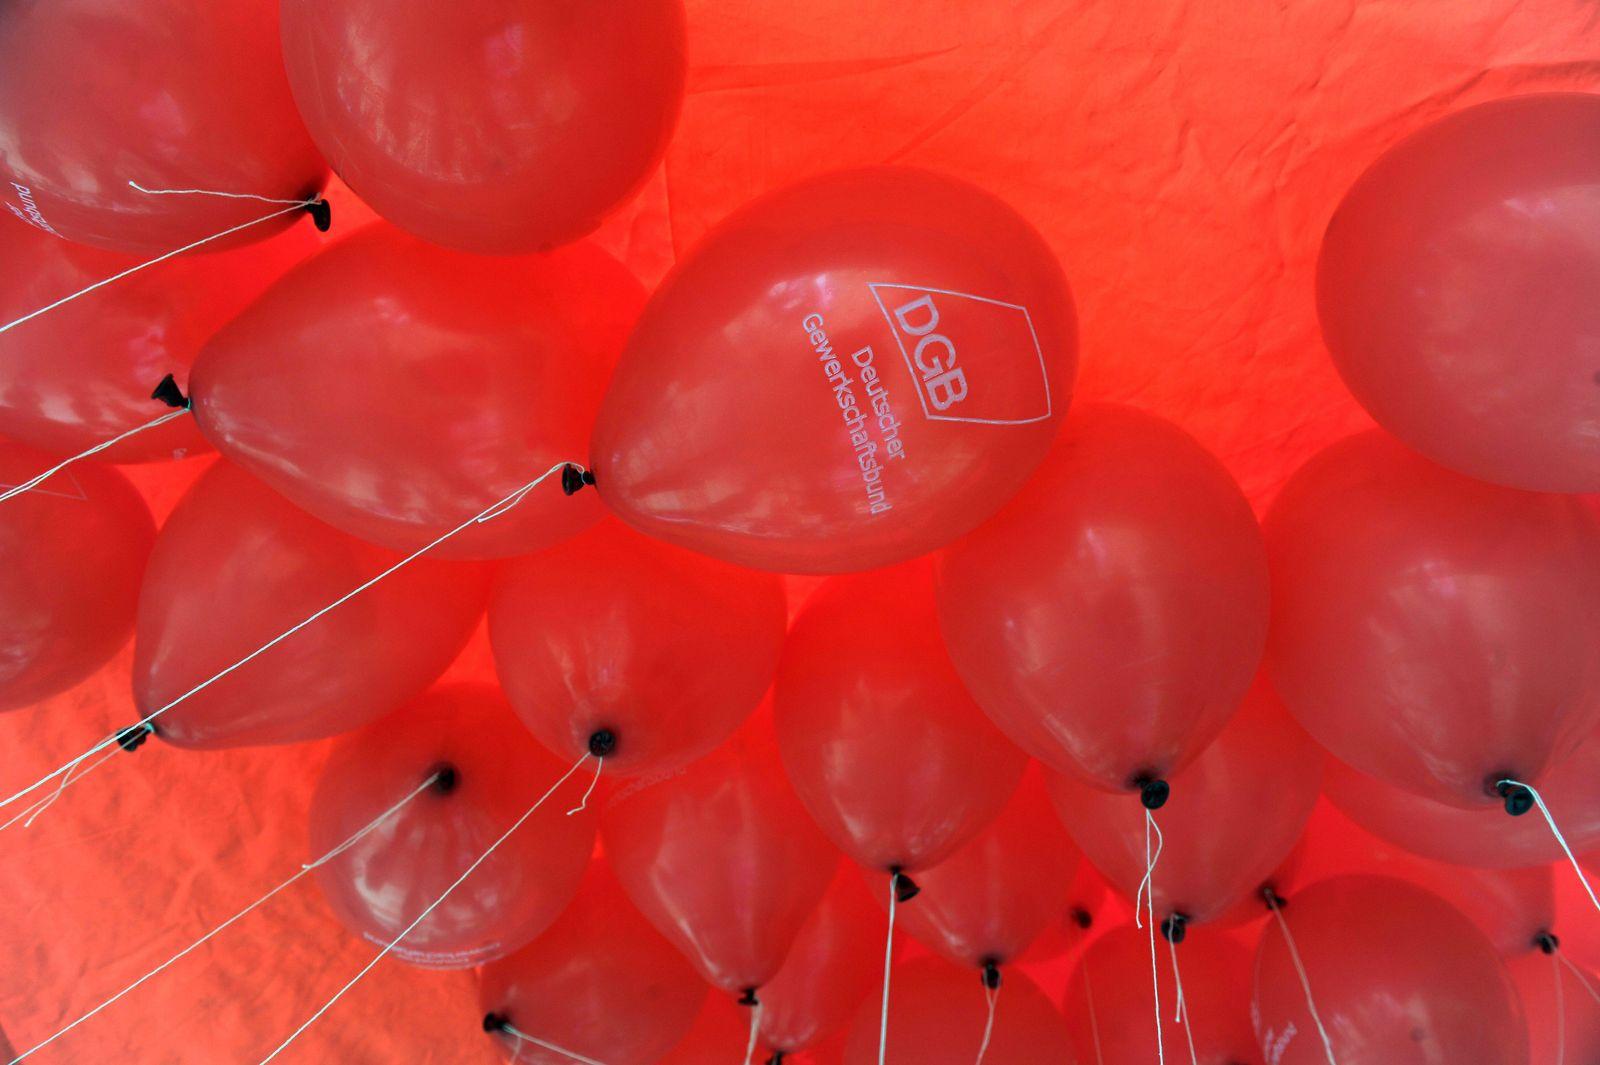 NICHT VERWENDEN DGB Luftballons